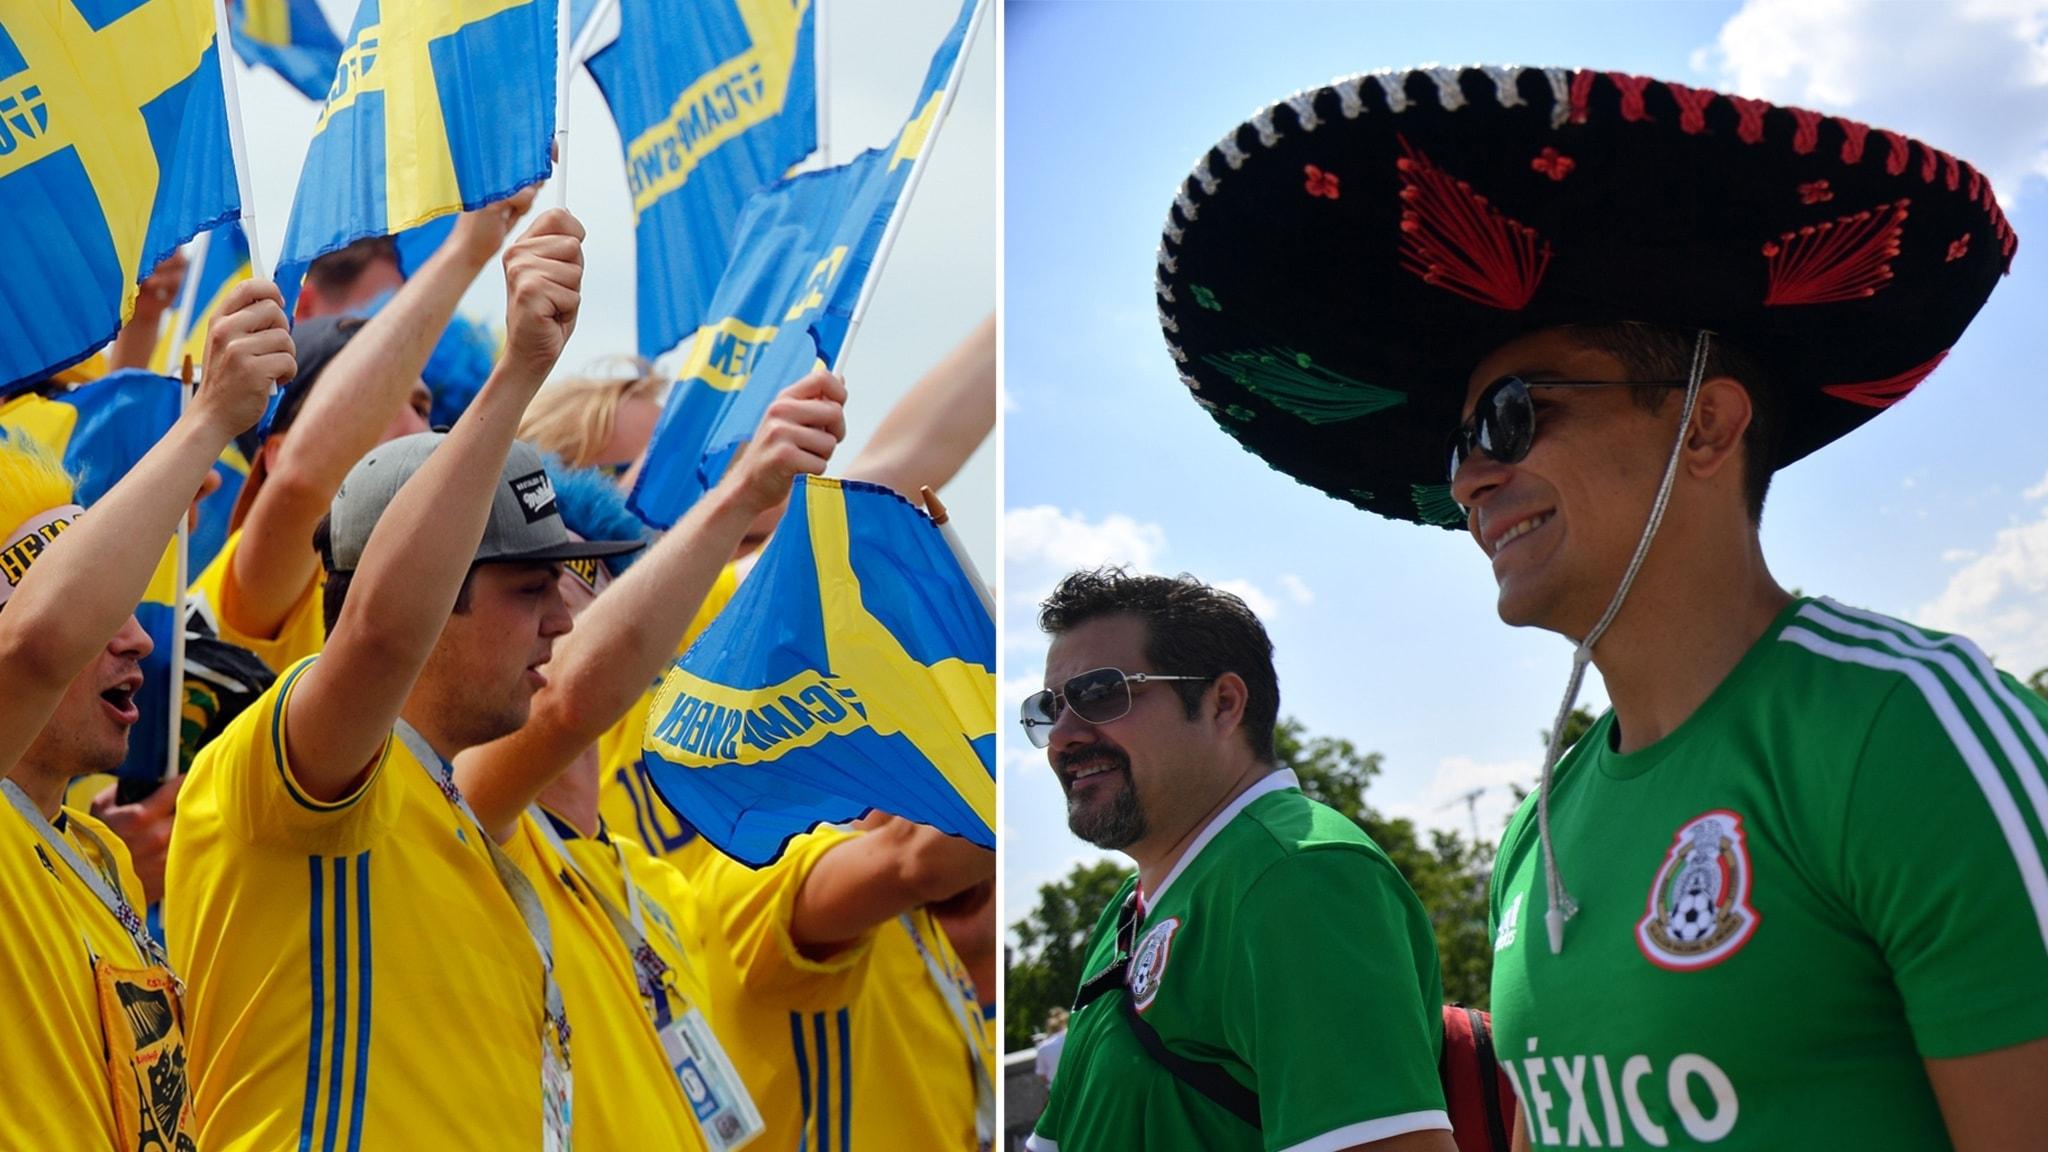 Spännande musikmatch mellan Sverige och Mexiko